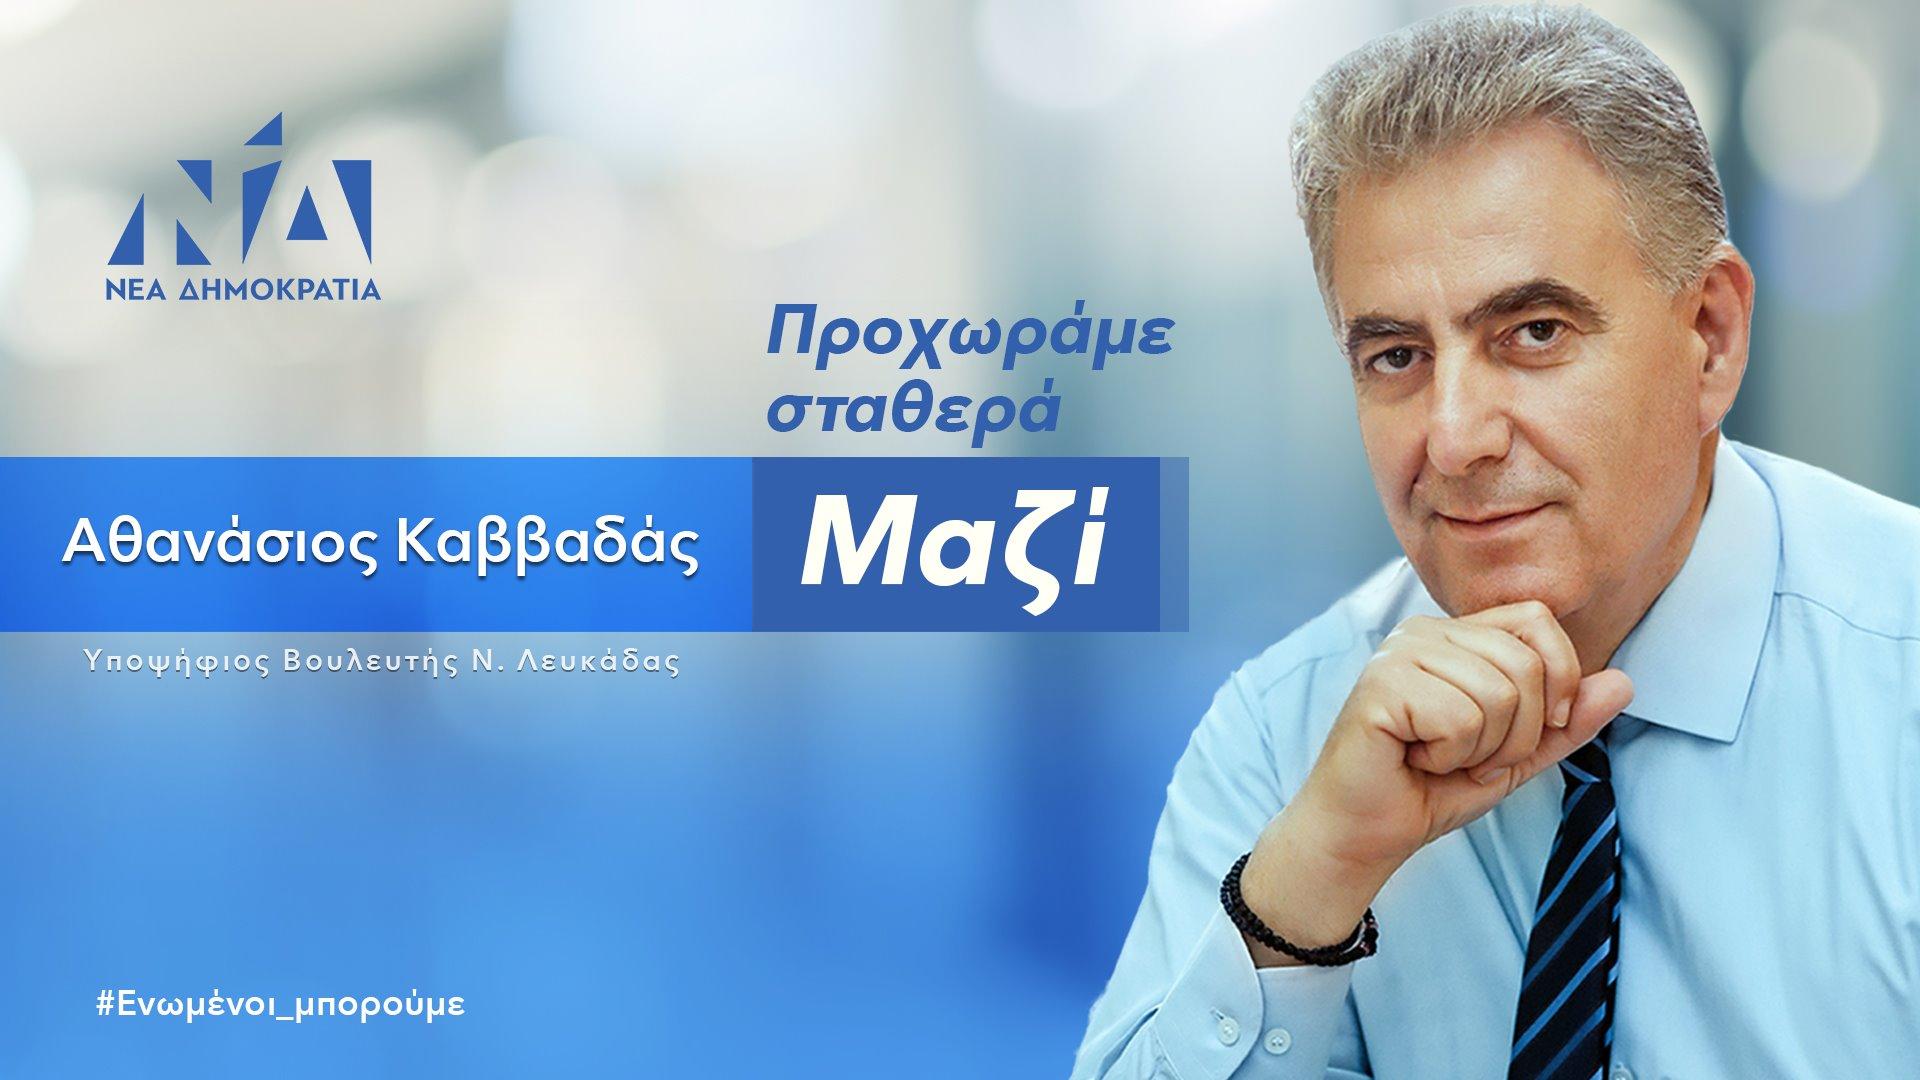 Athanasios_kavvadas